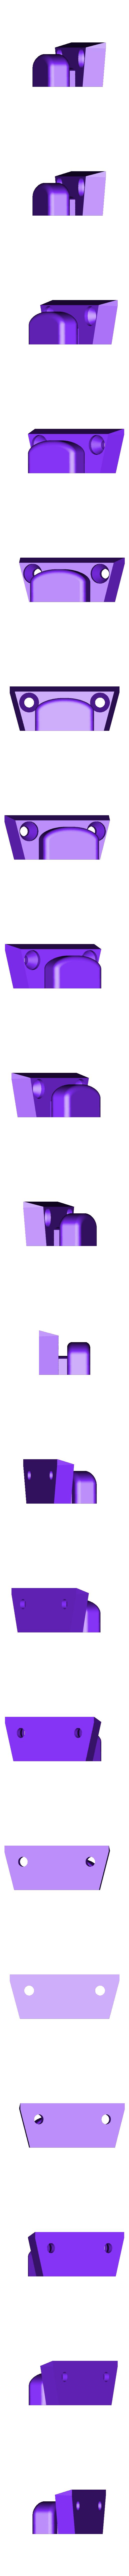 distrib2-epais.stl Télécharger fichier STL gratuit Distributeur bocal polyvalent • Design pour imprimante 3D, Barbe_Iturique